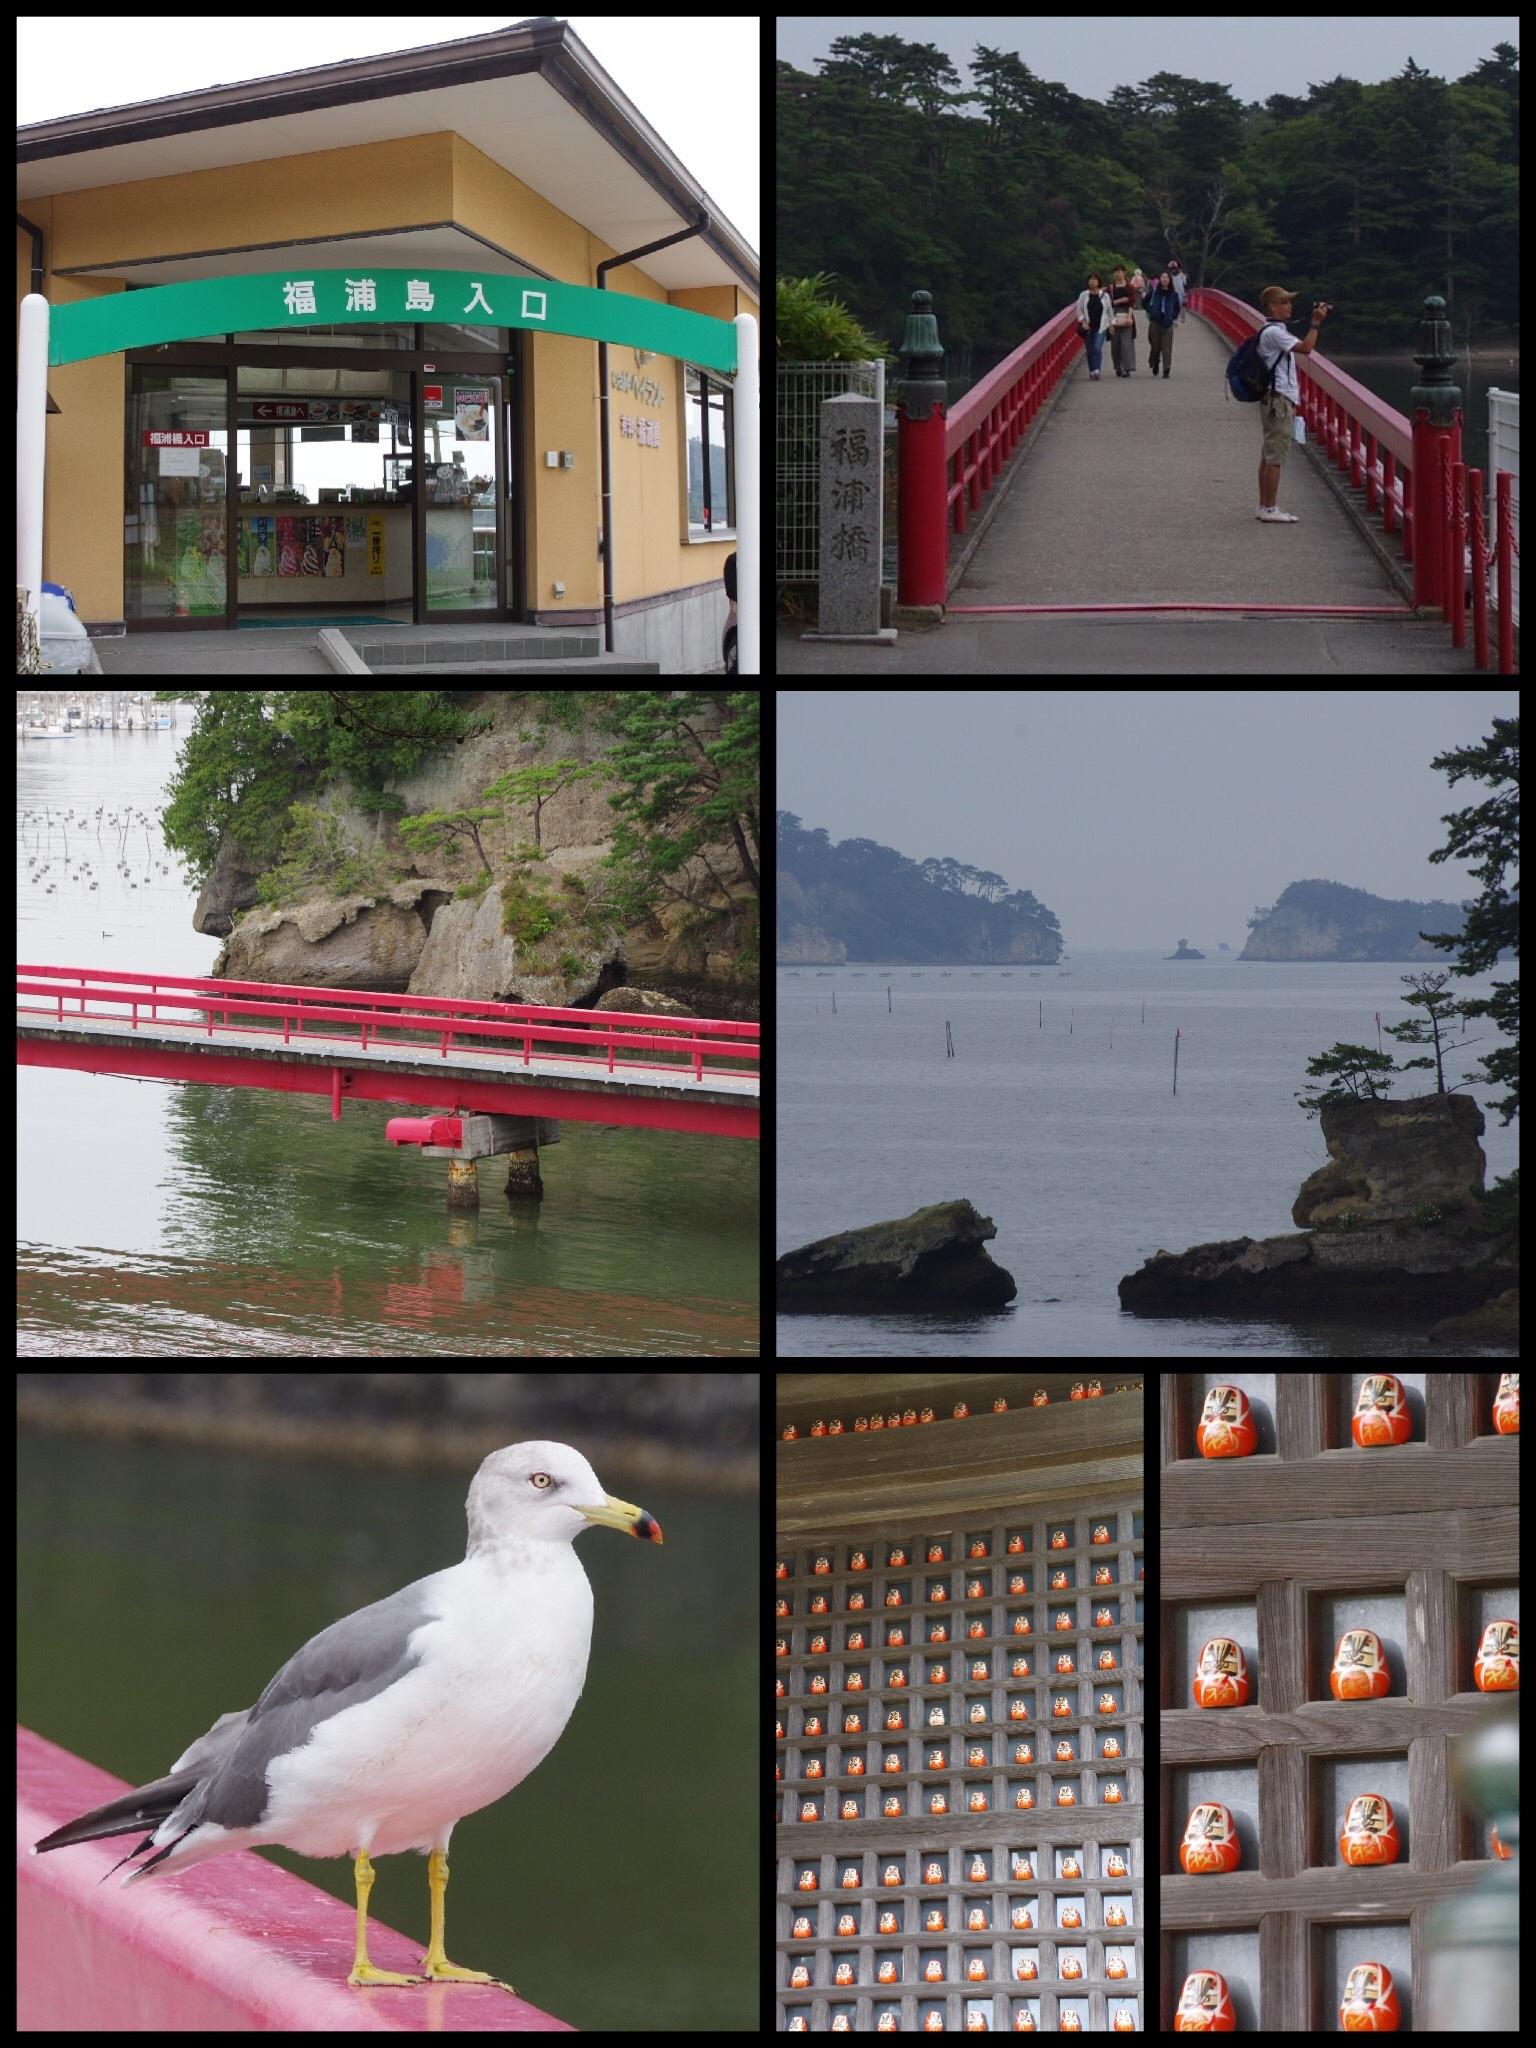 宮城 松島観光 福浦橋